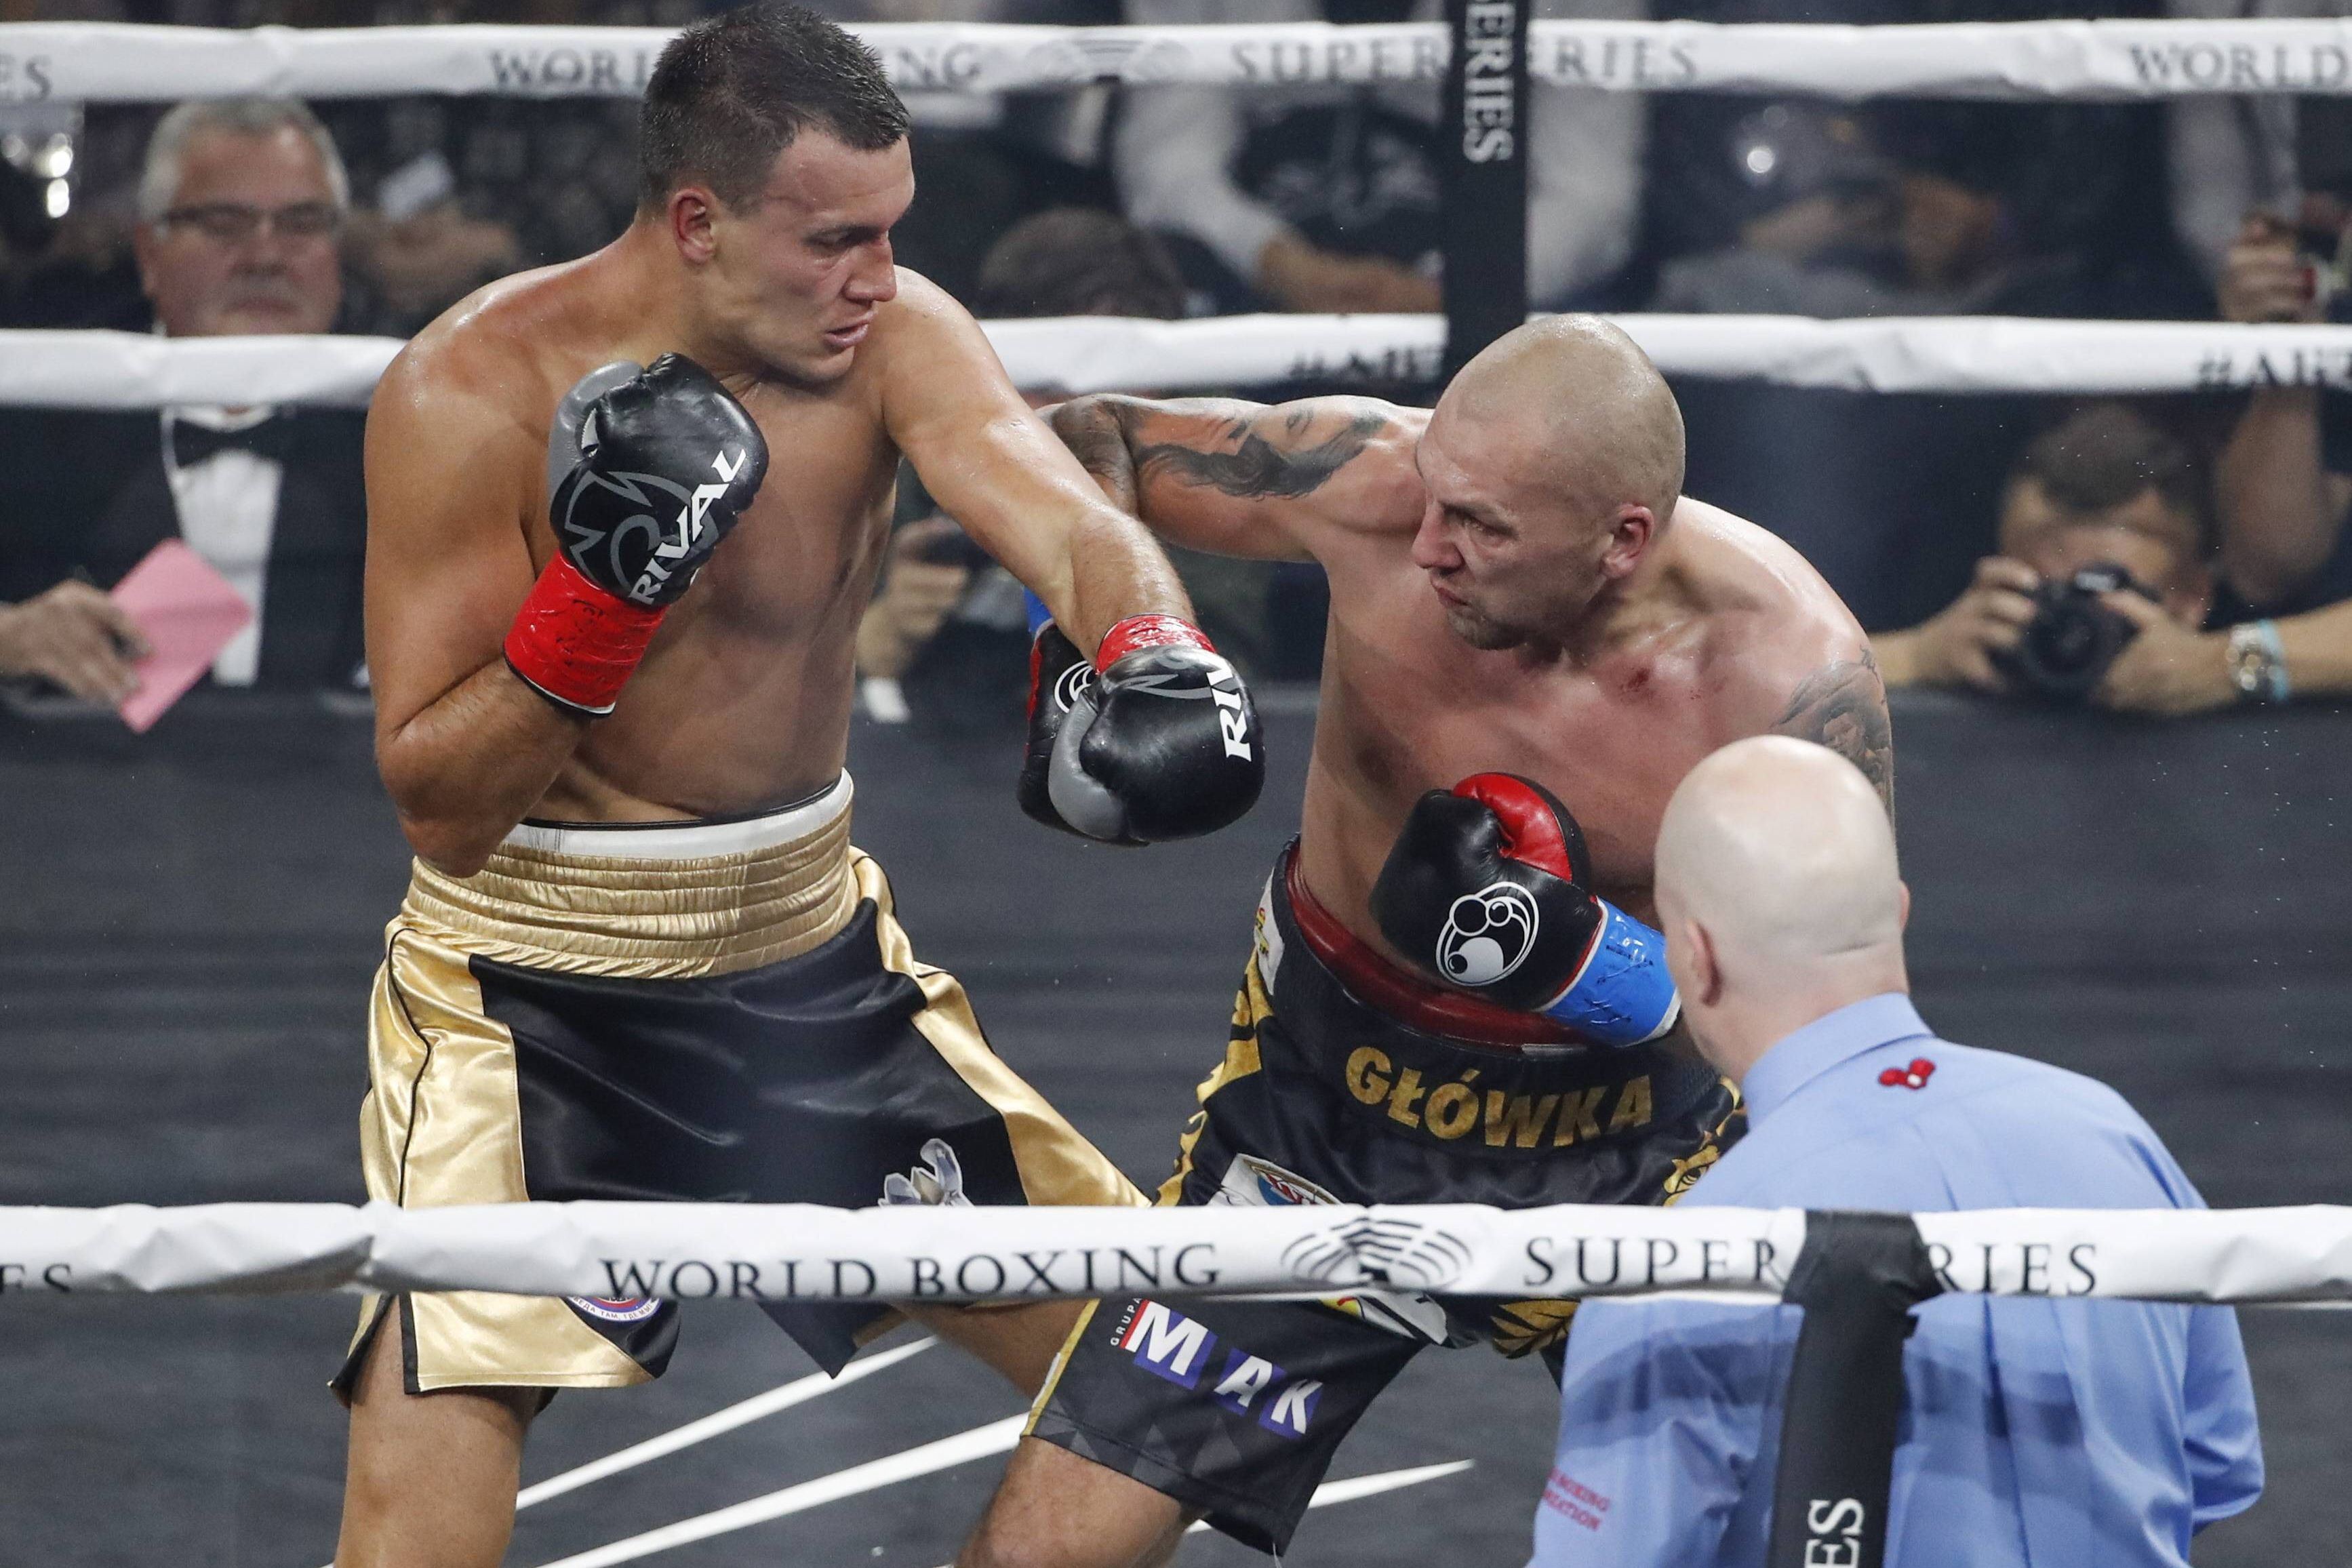 Менеджер российского боксёра Власова раскритиковал судей после поражения спортсмена в бою за титул WBO